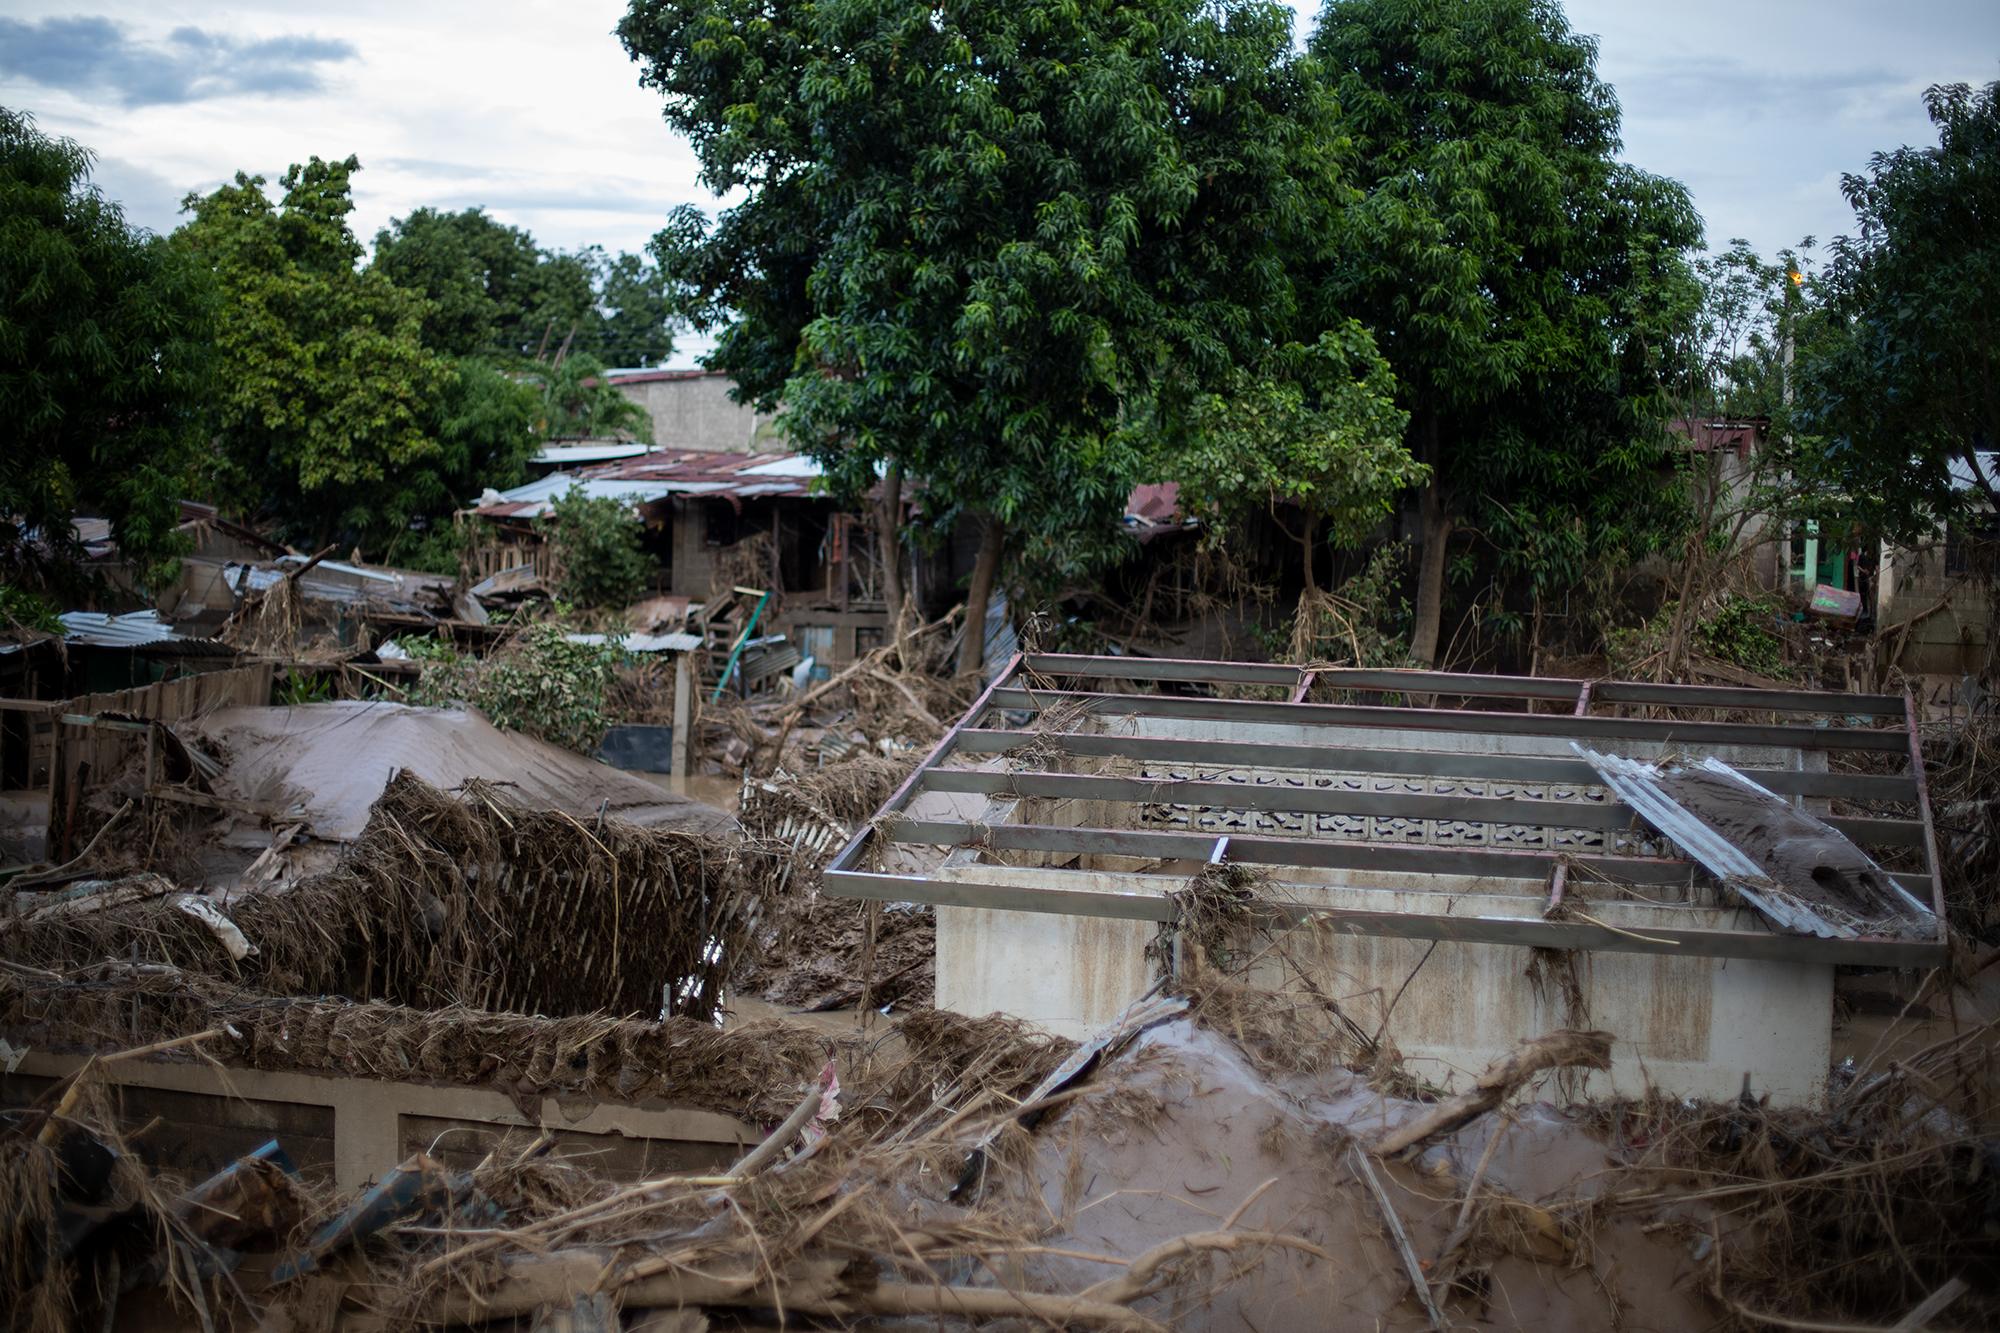 La tormenta tropical Eta provocó inundaciones en todo el sector de Chamelecón, pero el paso de la tormenta tropical Iota coronó una devastación superior soterrando las viviendas y destruyendo más a su paso. San Pedro Sula, 20 de noviembre de 2020. Foto: Martín Cálix.